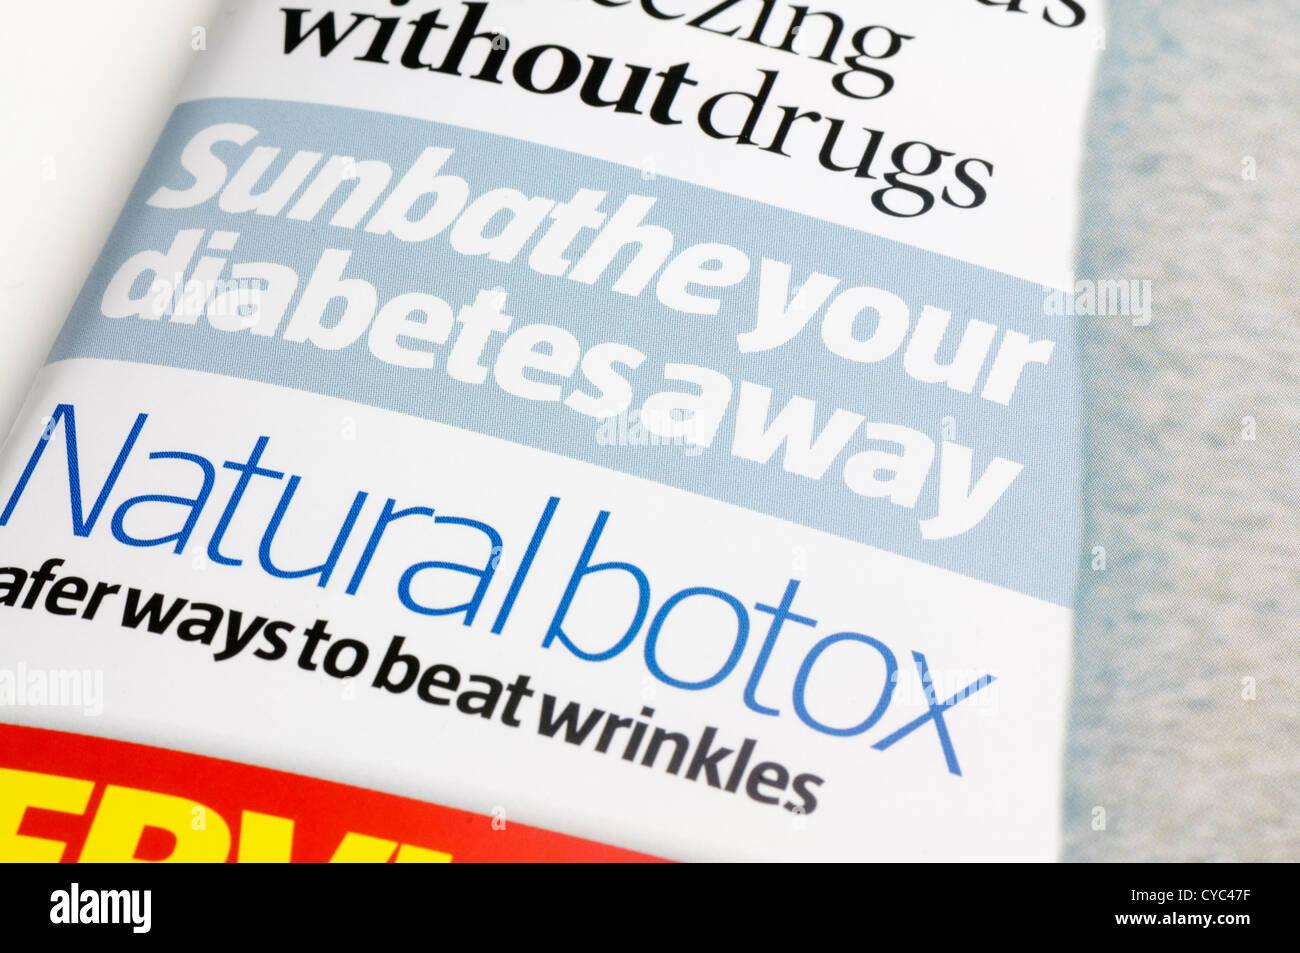 """Heilen Sie Diabetes durch Sonnenbaden und natürliche Botox in """"Was Ärzte gewohnt Tell You"""", Stockbild"""